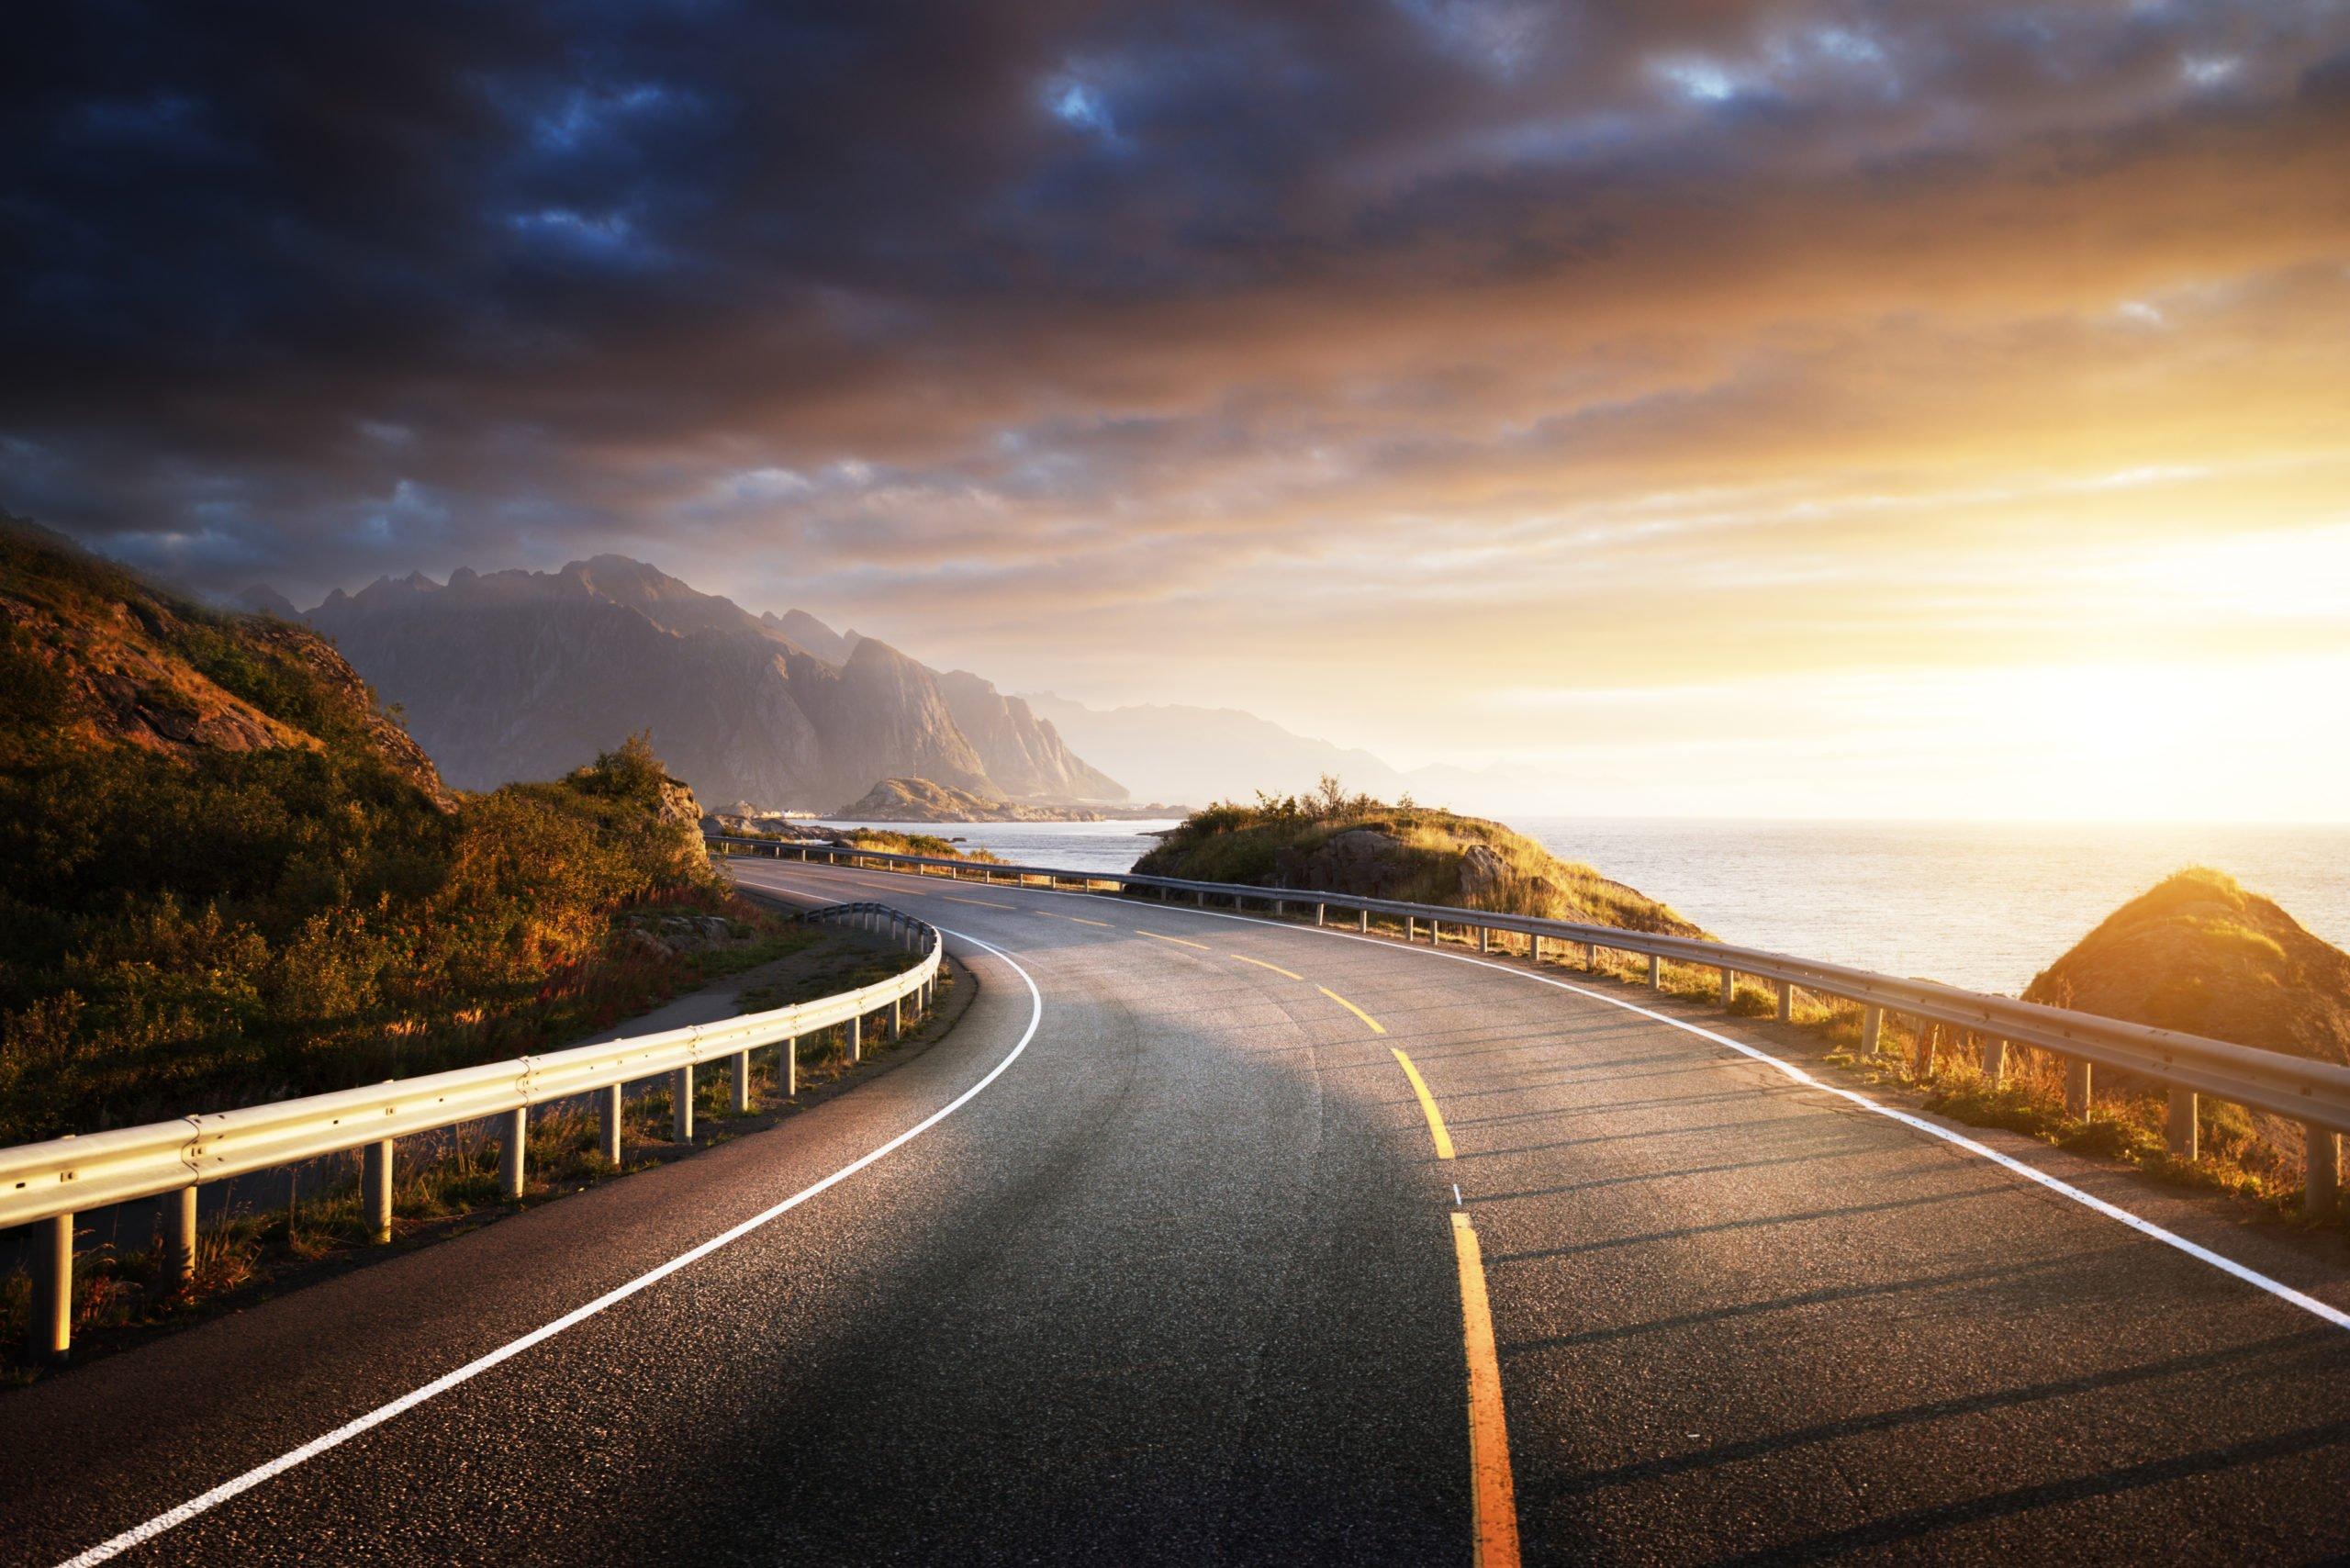 Image from Shutterstock - By Iakov Kalinin